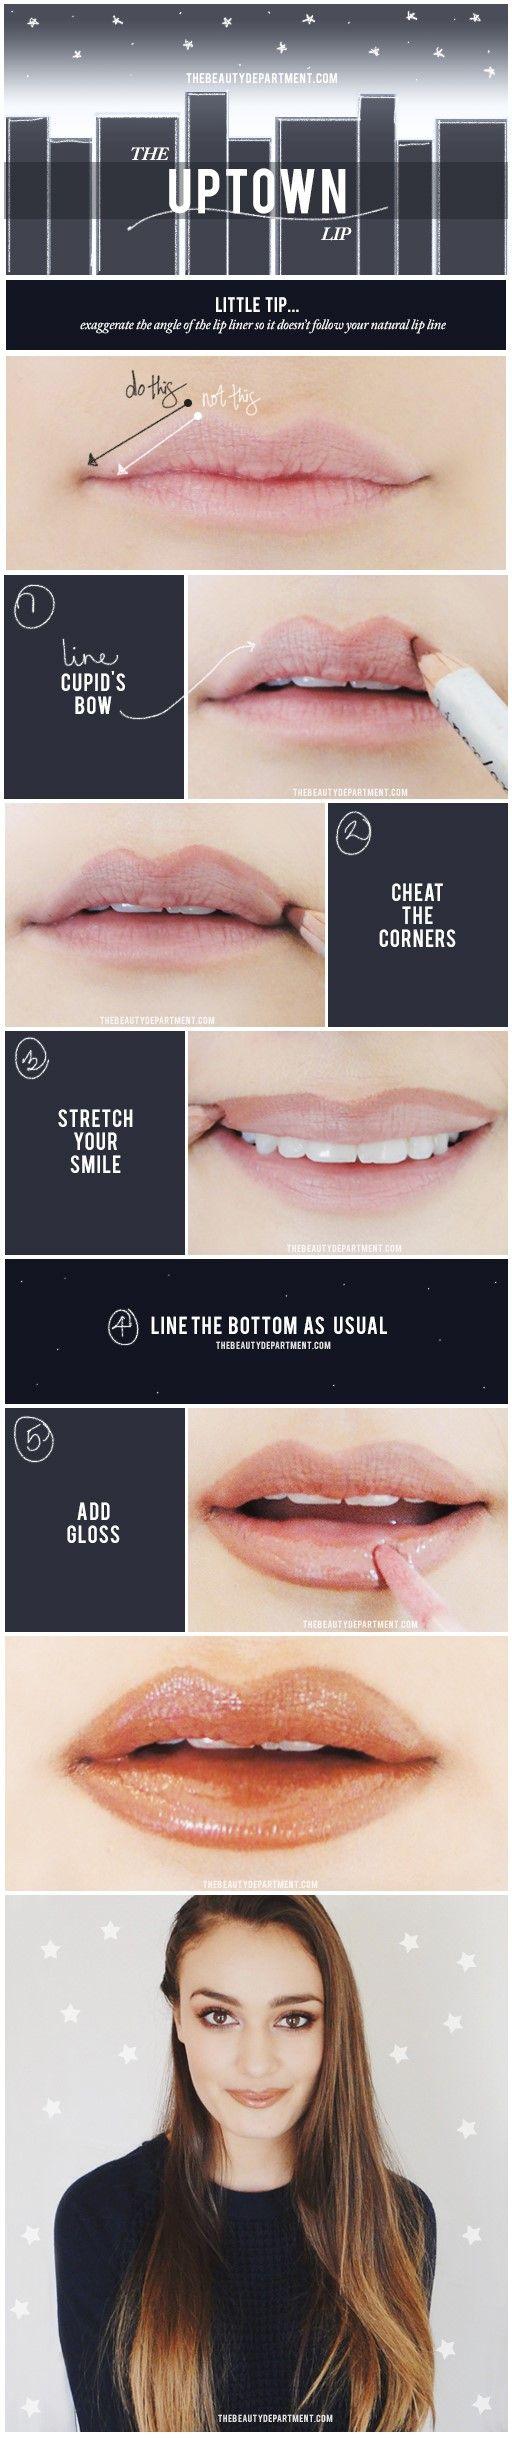 labios mas grandes